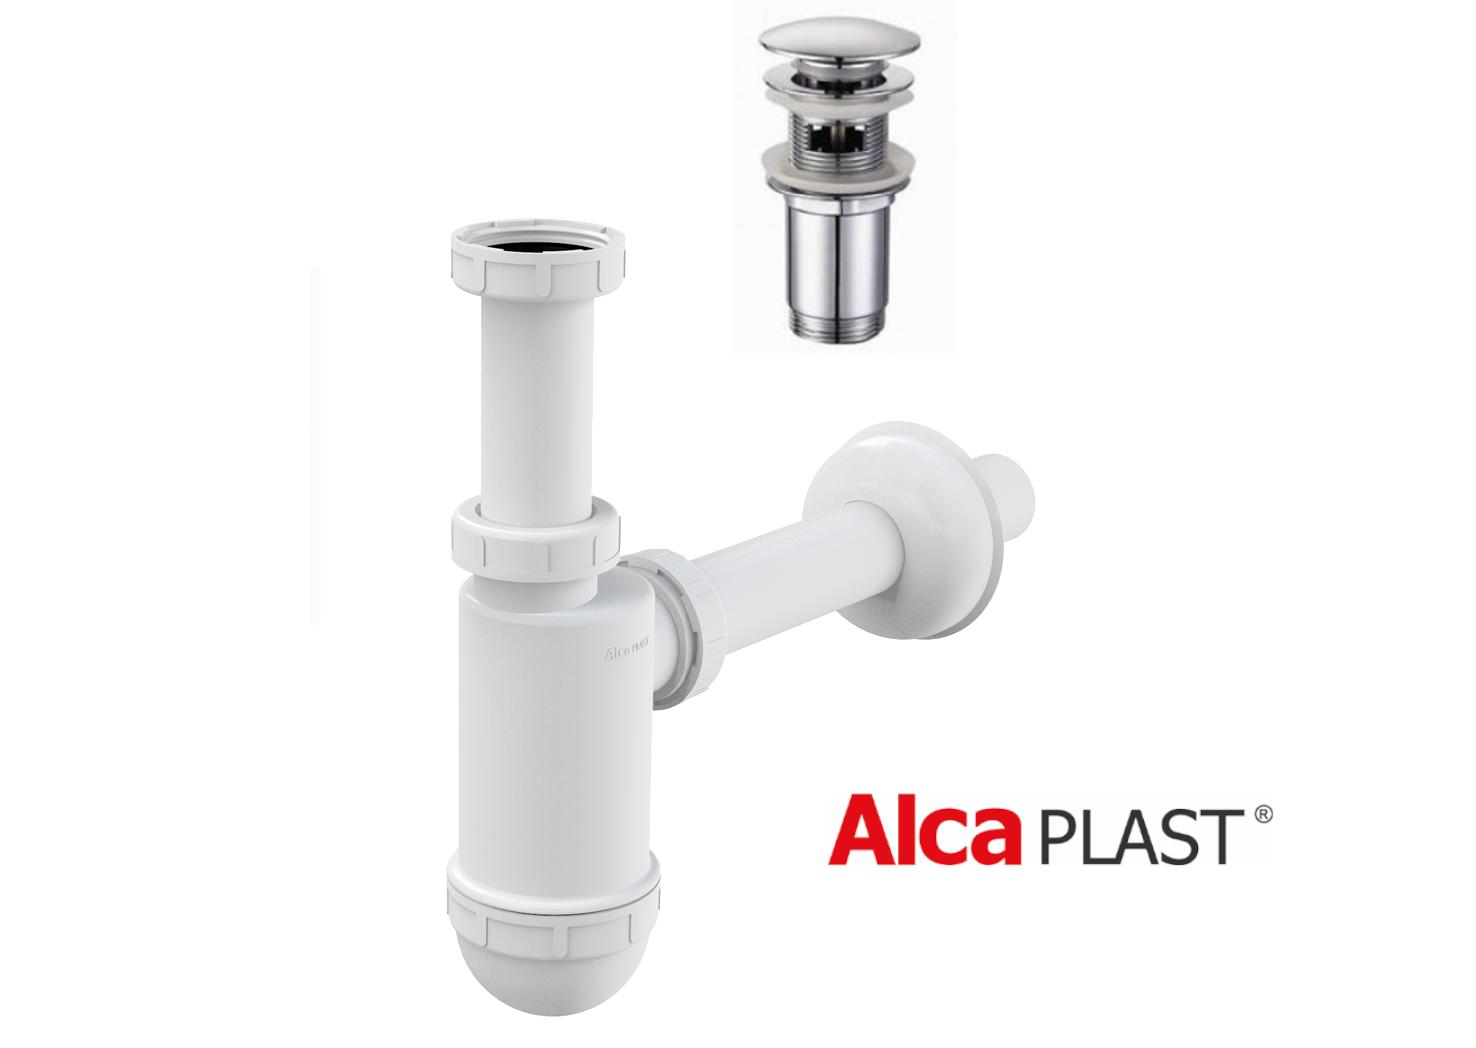 Waschtisch-Siphon Siphon für Waschbecken Ablaufgarnitur Kupfereffekt Click-Clack